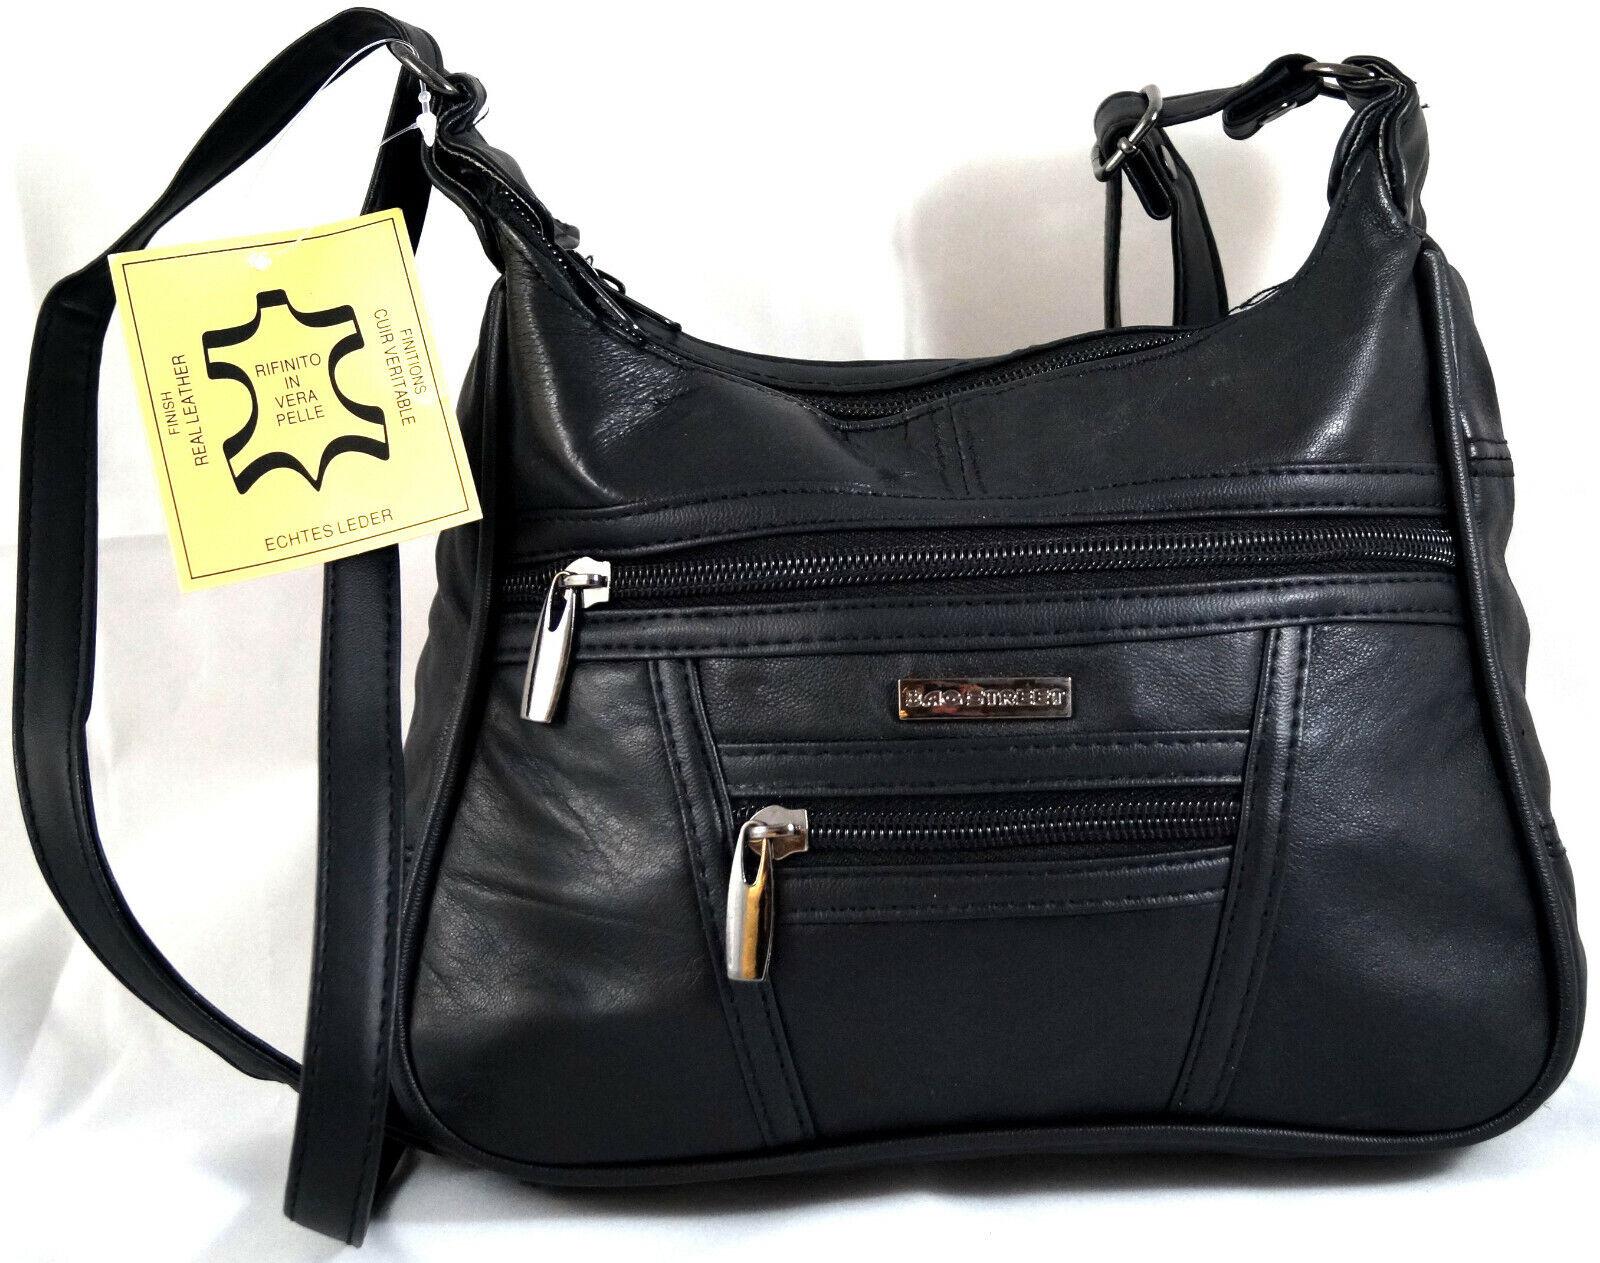 Umhängetasche Handtasche Abendtasche Echt Leder Schwarz Bag Street 6626 weich